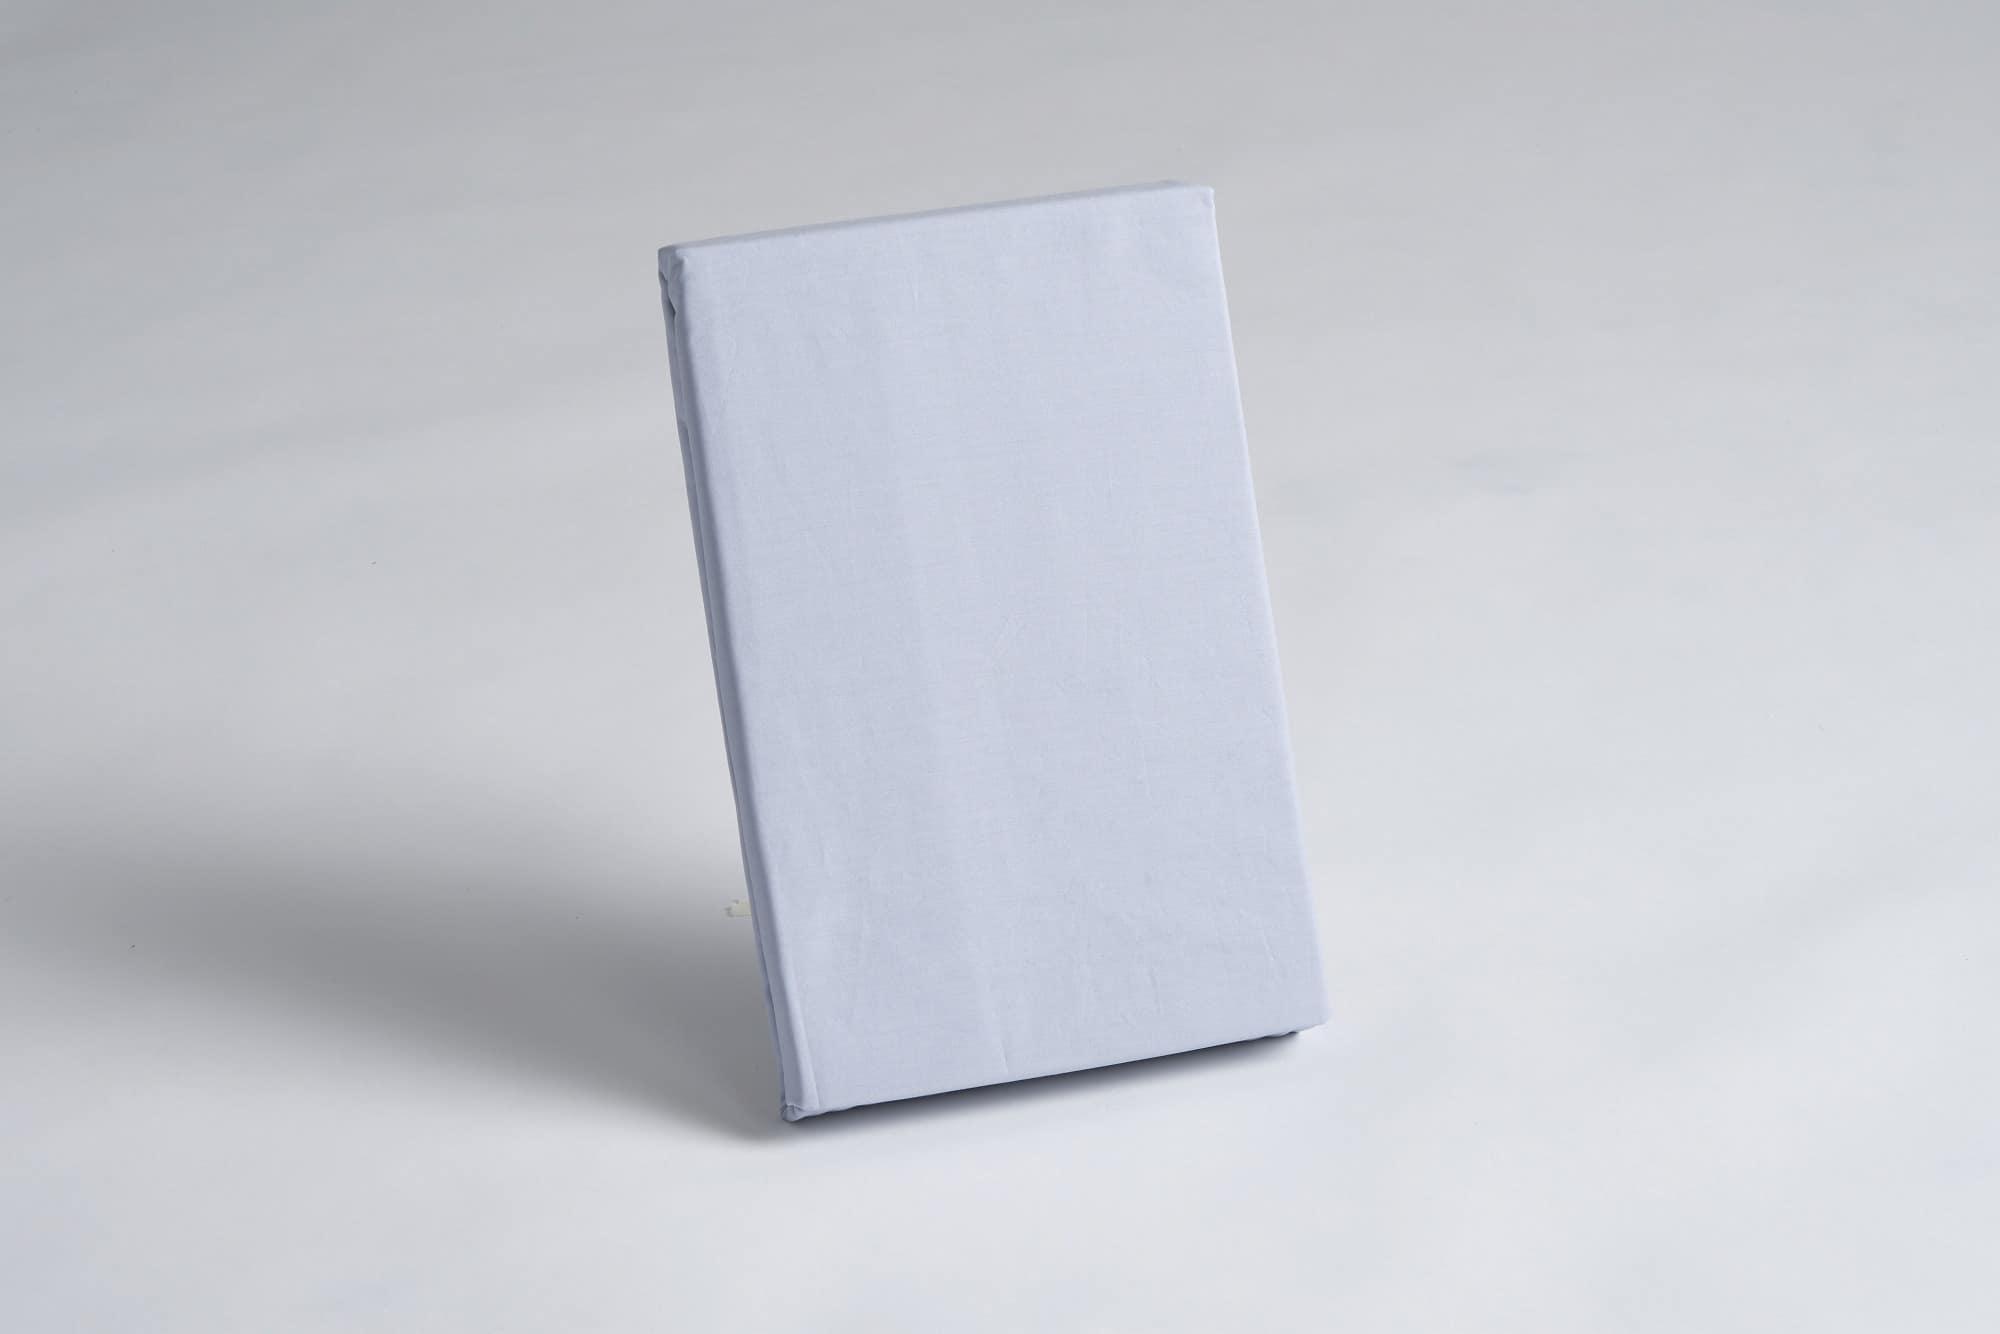 ボックスシーツ キング2用 45H ブルー:《綿100%を使用したボックスシーツ》